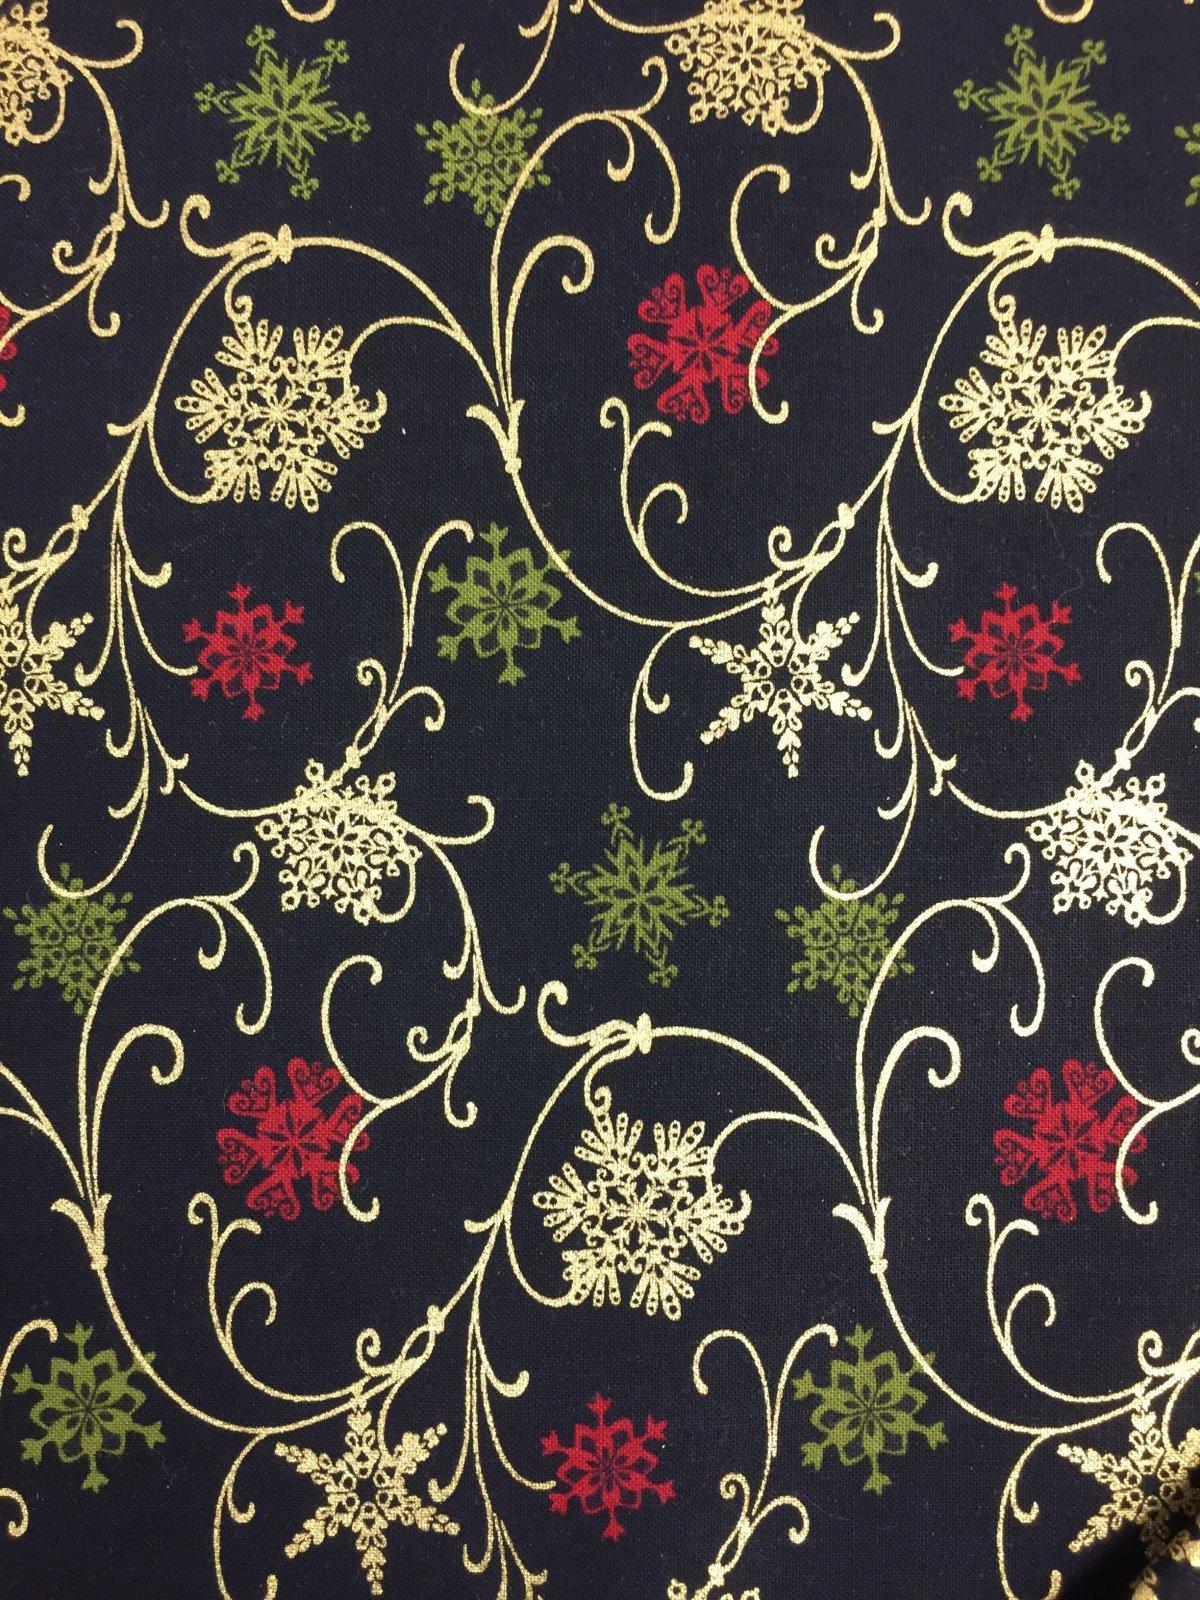 Benartex Florentine Christmas 1667M 12